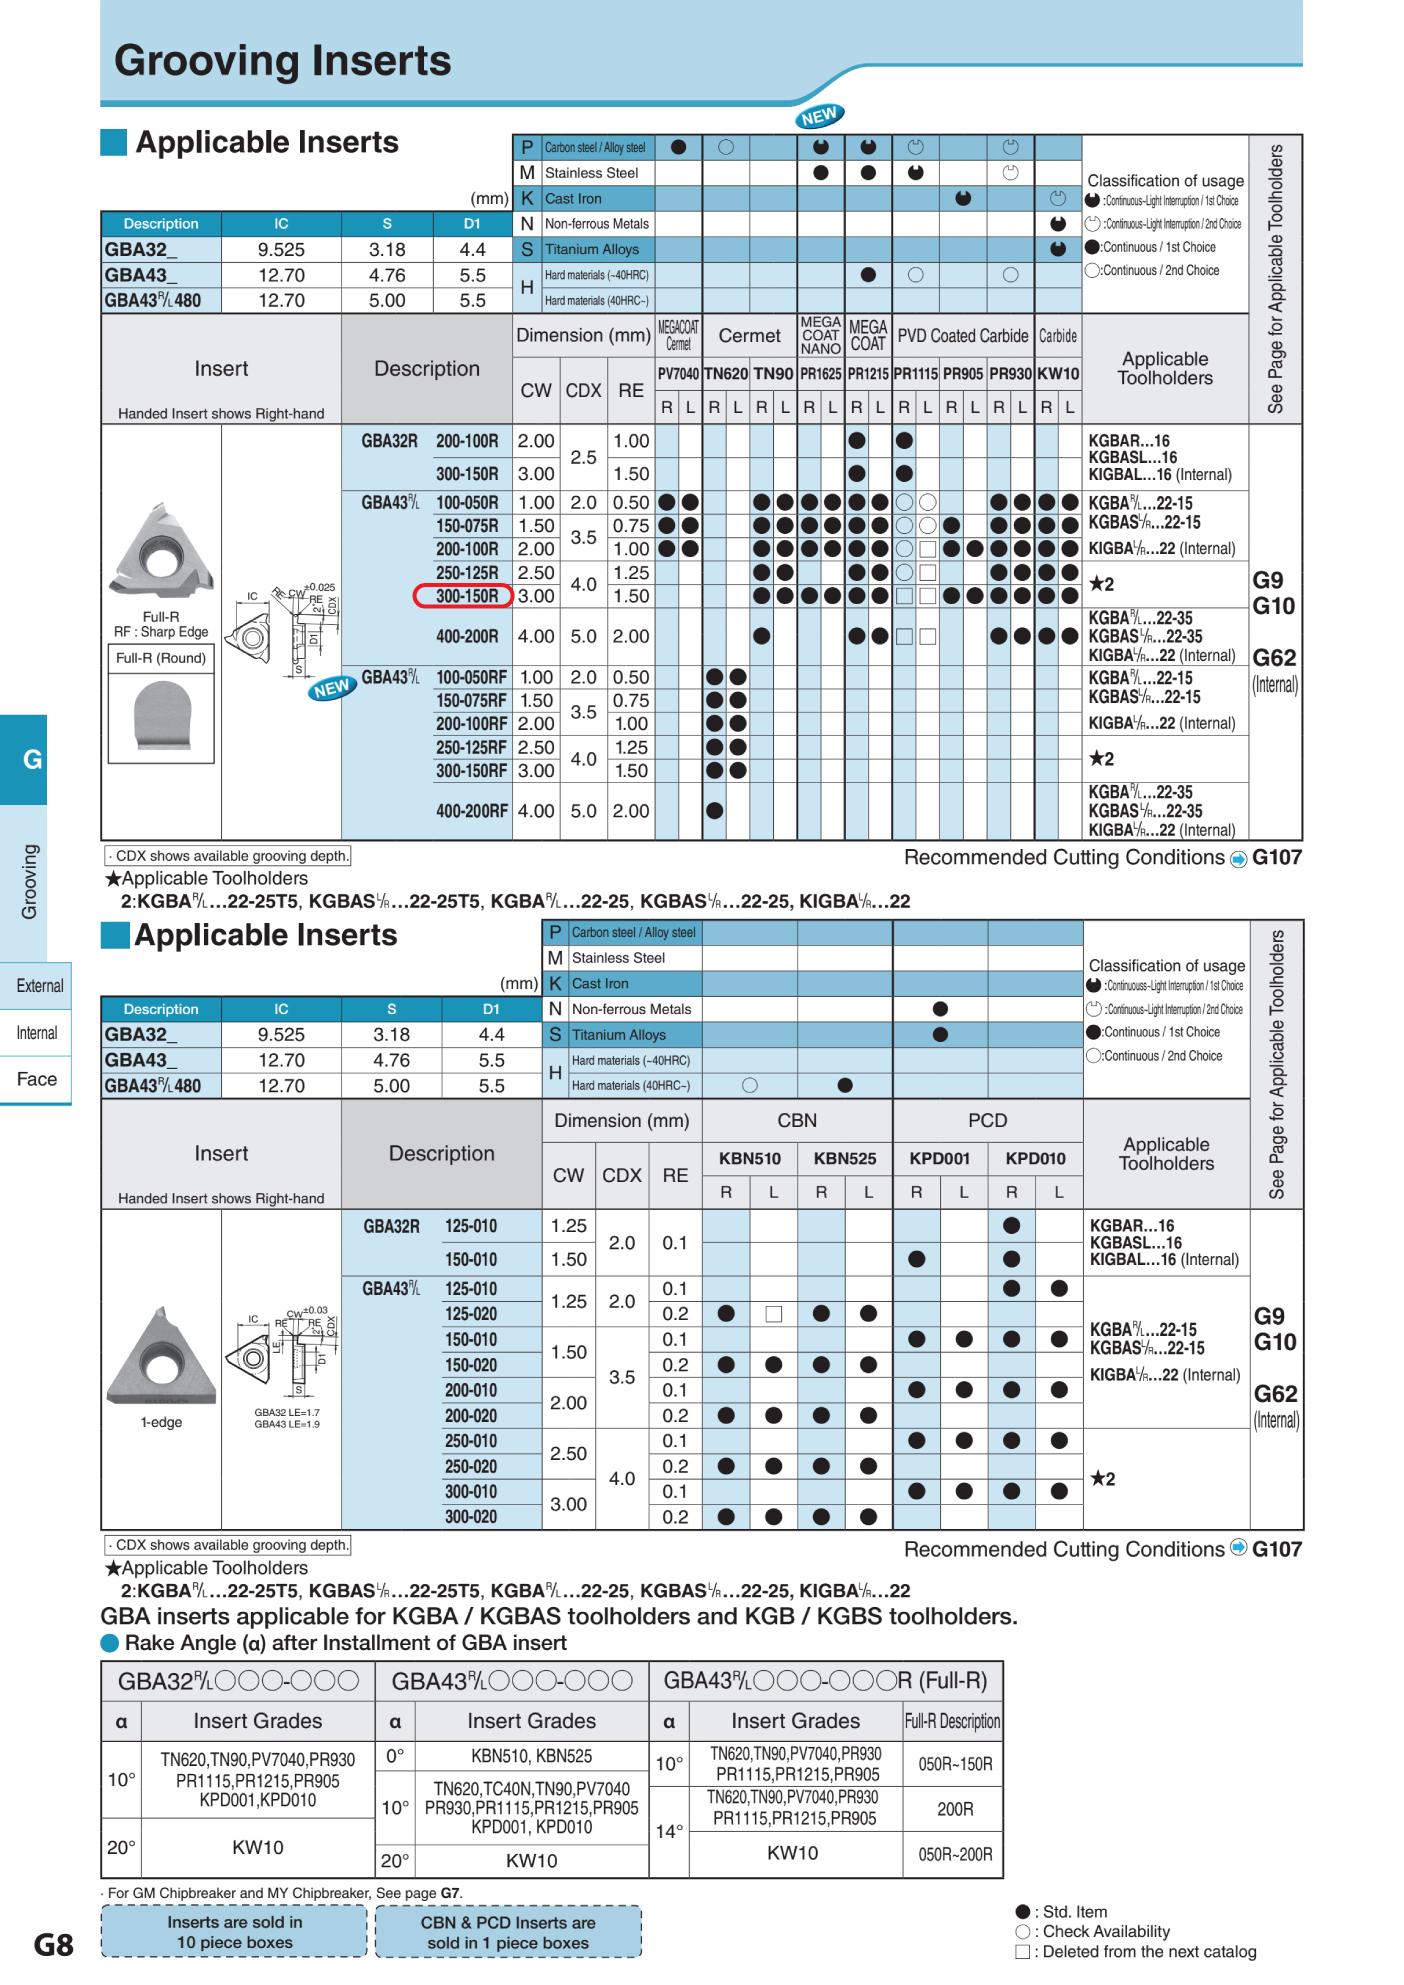 MẢNH DAO TIỆN CHÍCH RÃNH KYOCERA GBA43R300-150R (PR1215) 2